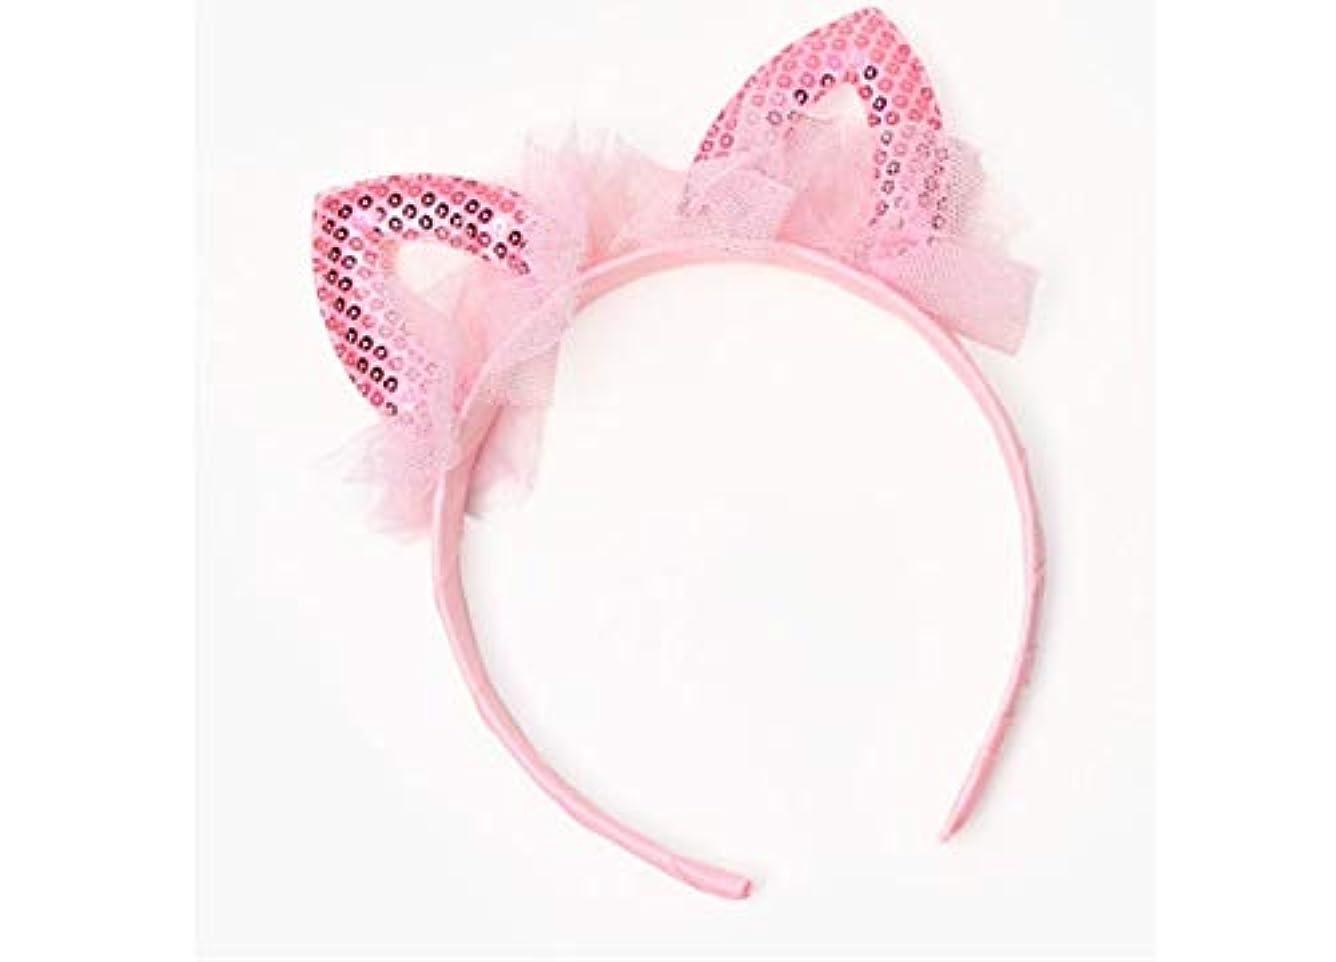 チューブ平らな提案MINGTAI 子供のヘッドバンド甘いレースの耳おかしいショーヘアピン女の子かわいいヘッドバンド帽子 (Color : Pink)